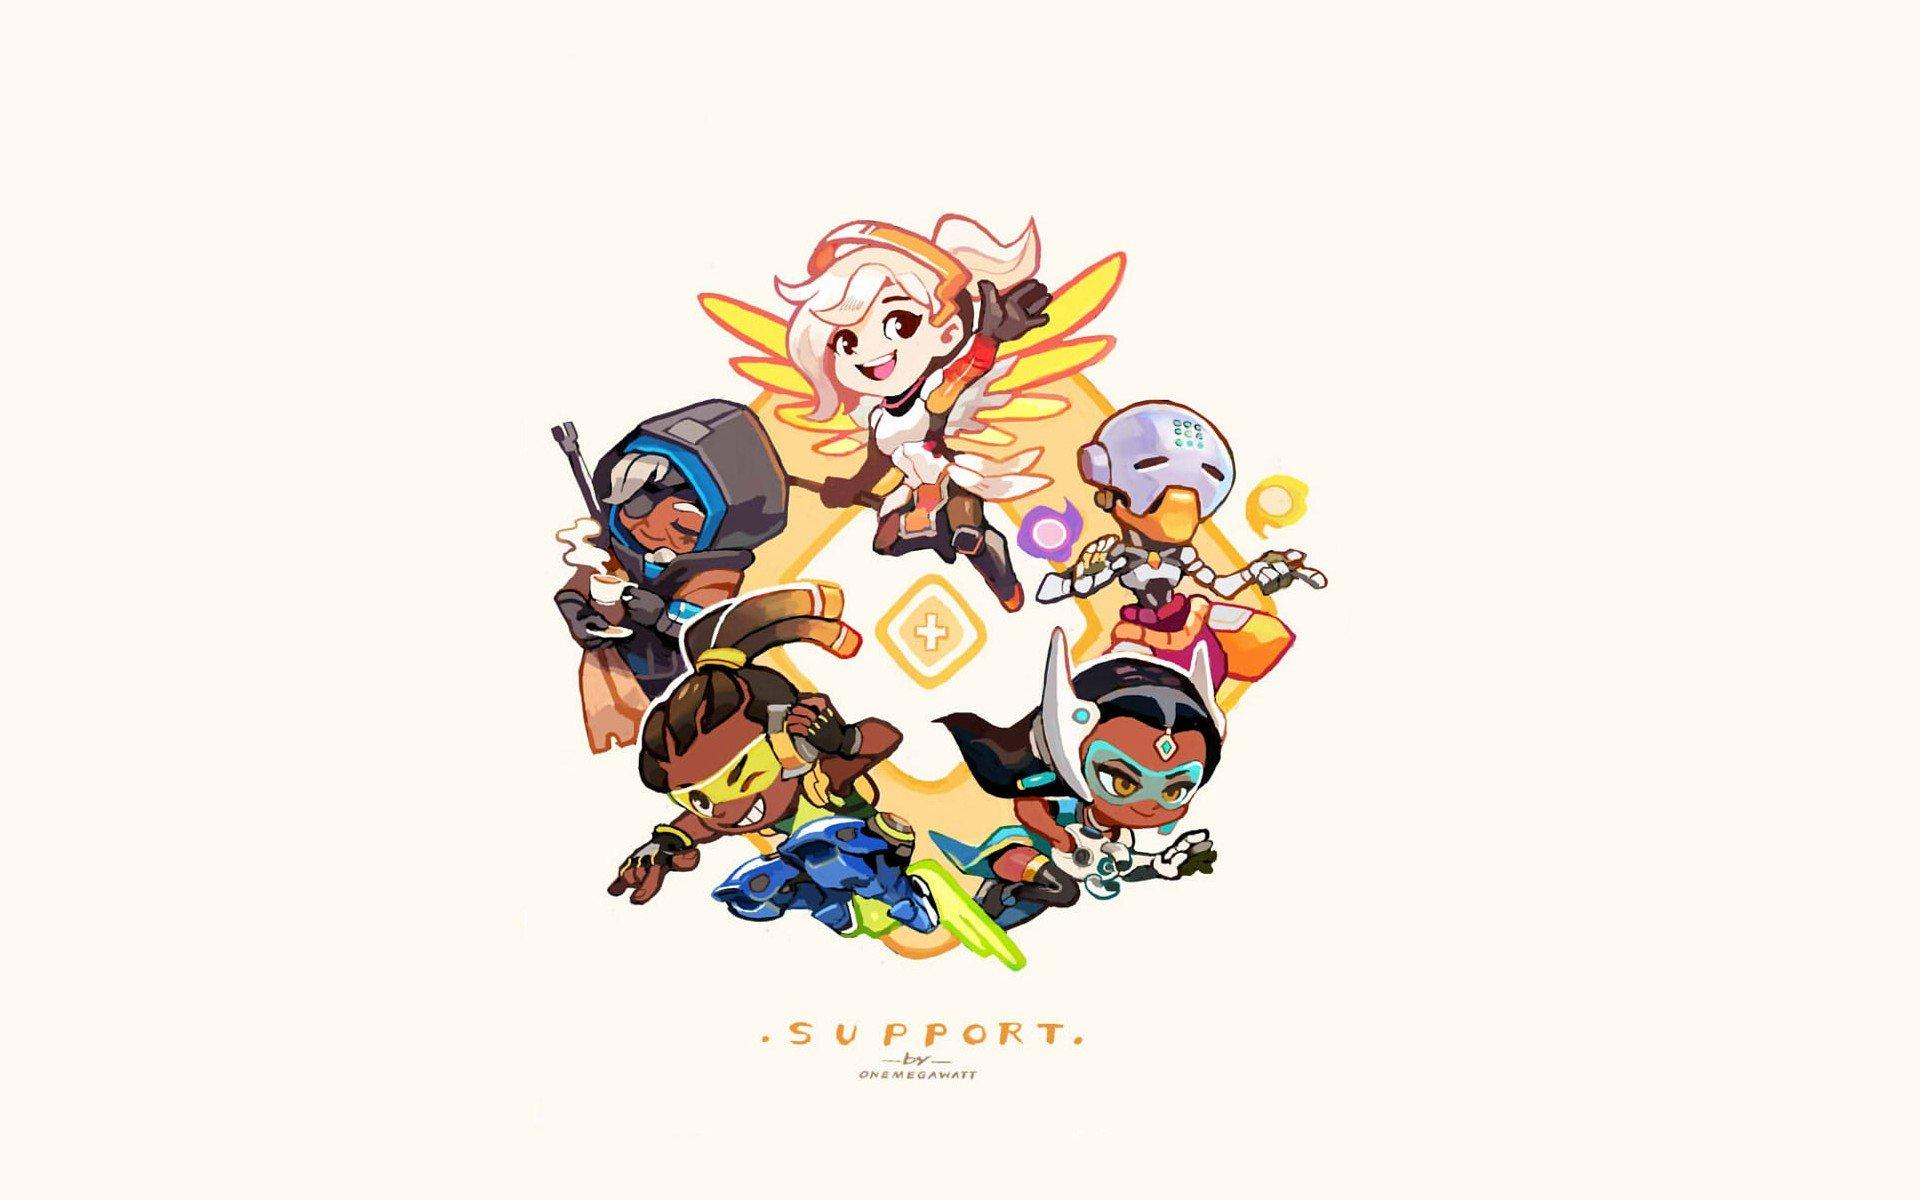 Overwatch Hanzo Wallpaper Iphone L 250 Cio Overwatch Zenyatta Overwatch Overwatch Ana